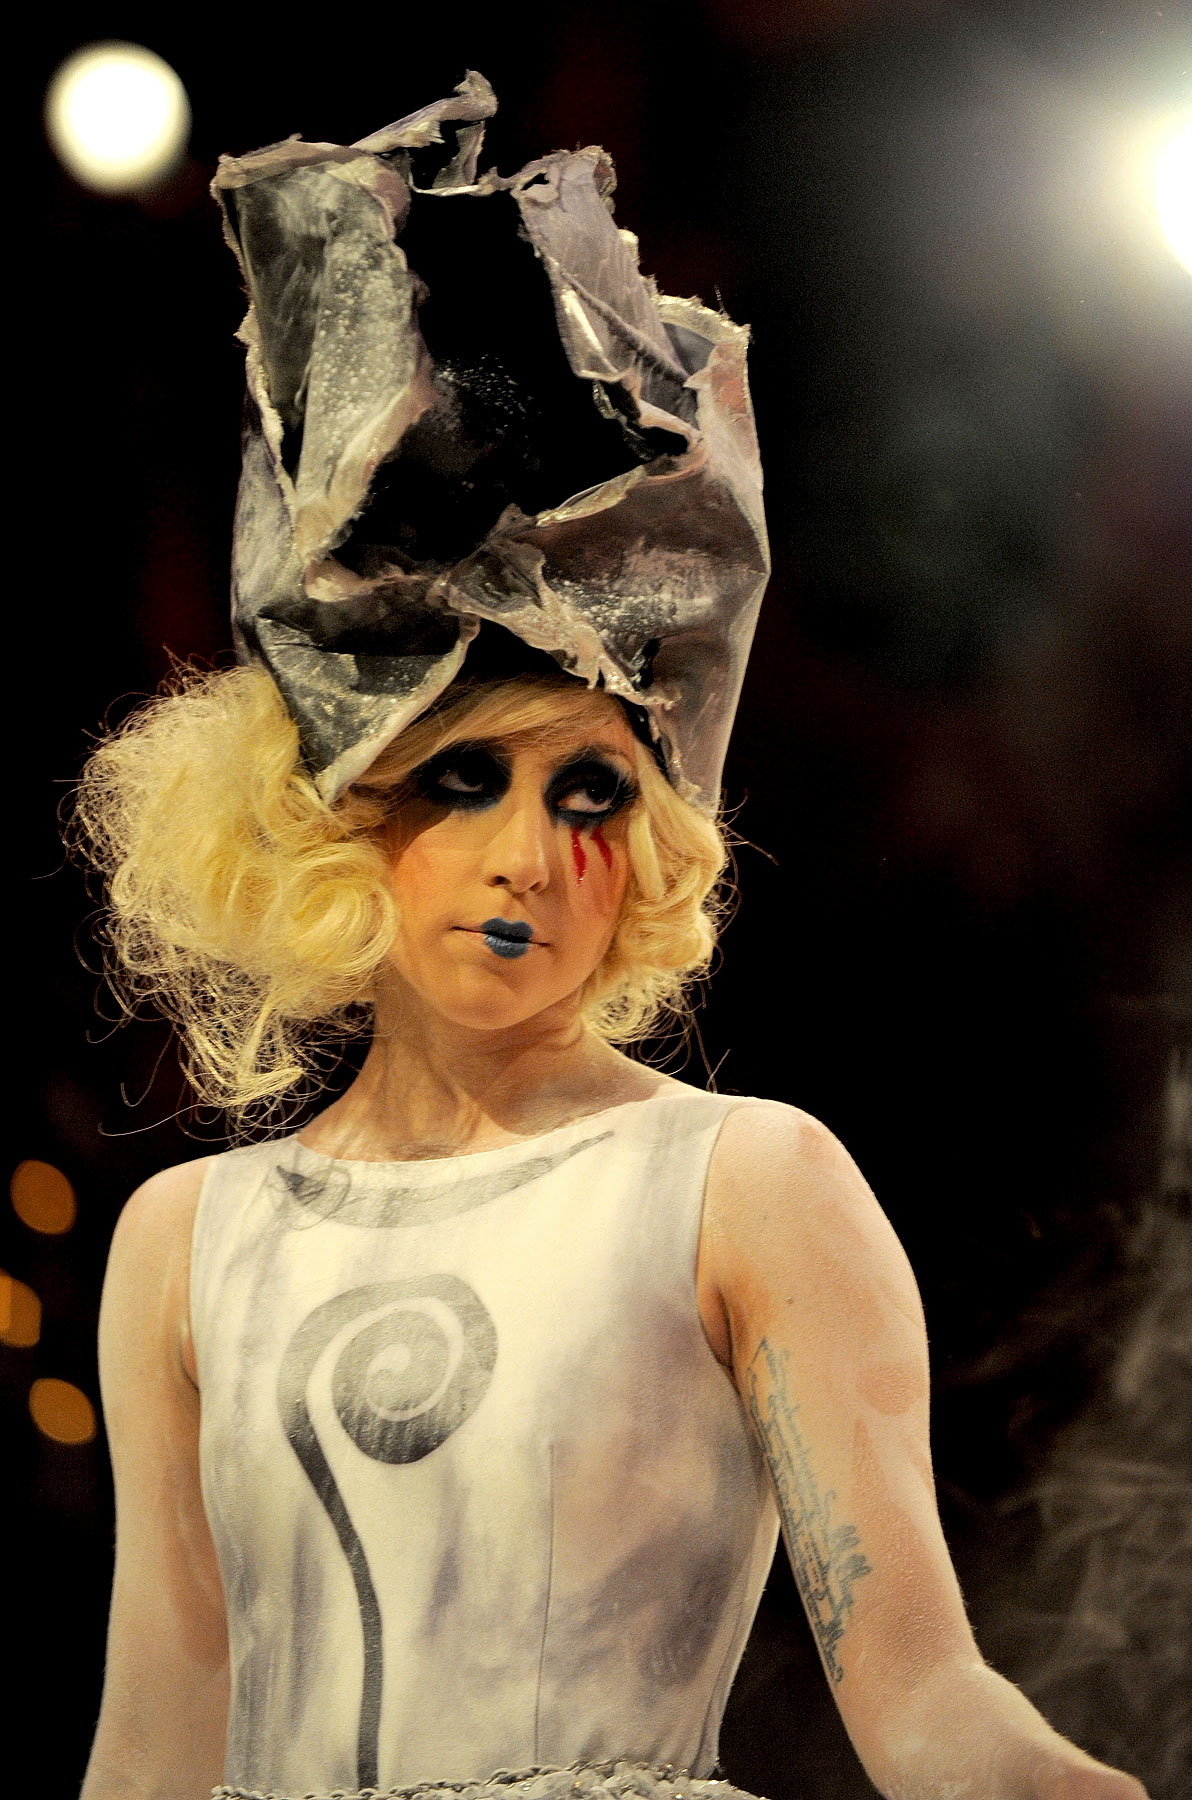 PHOTO GALLERY: Lady Gaga Entertains at MoCA